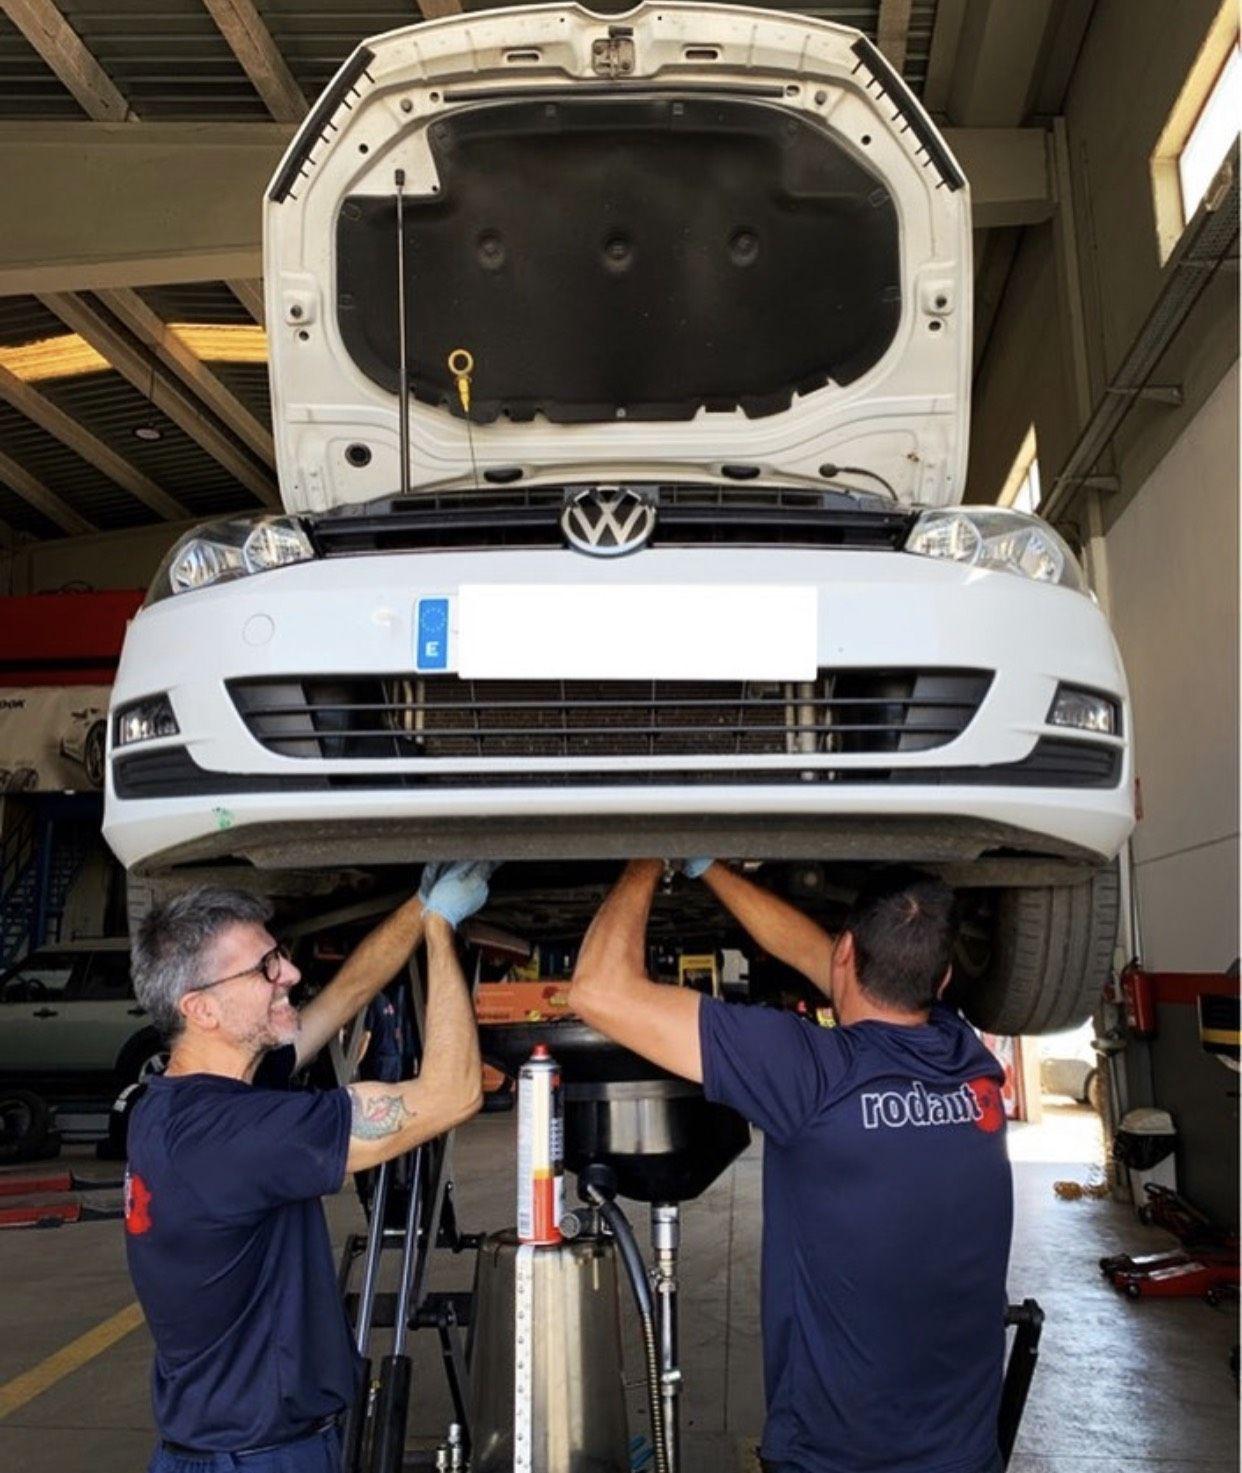 Foto 15 de Reparaciones vehículos, motos y camiones en  | Pneumàtics Rodauto de l'Empordà